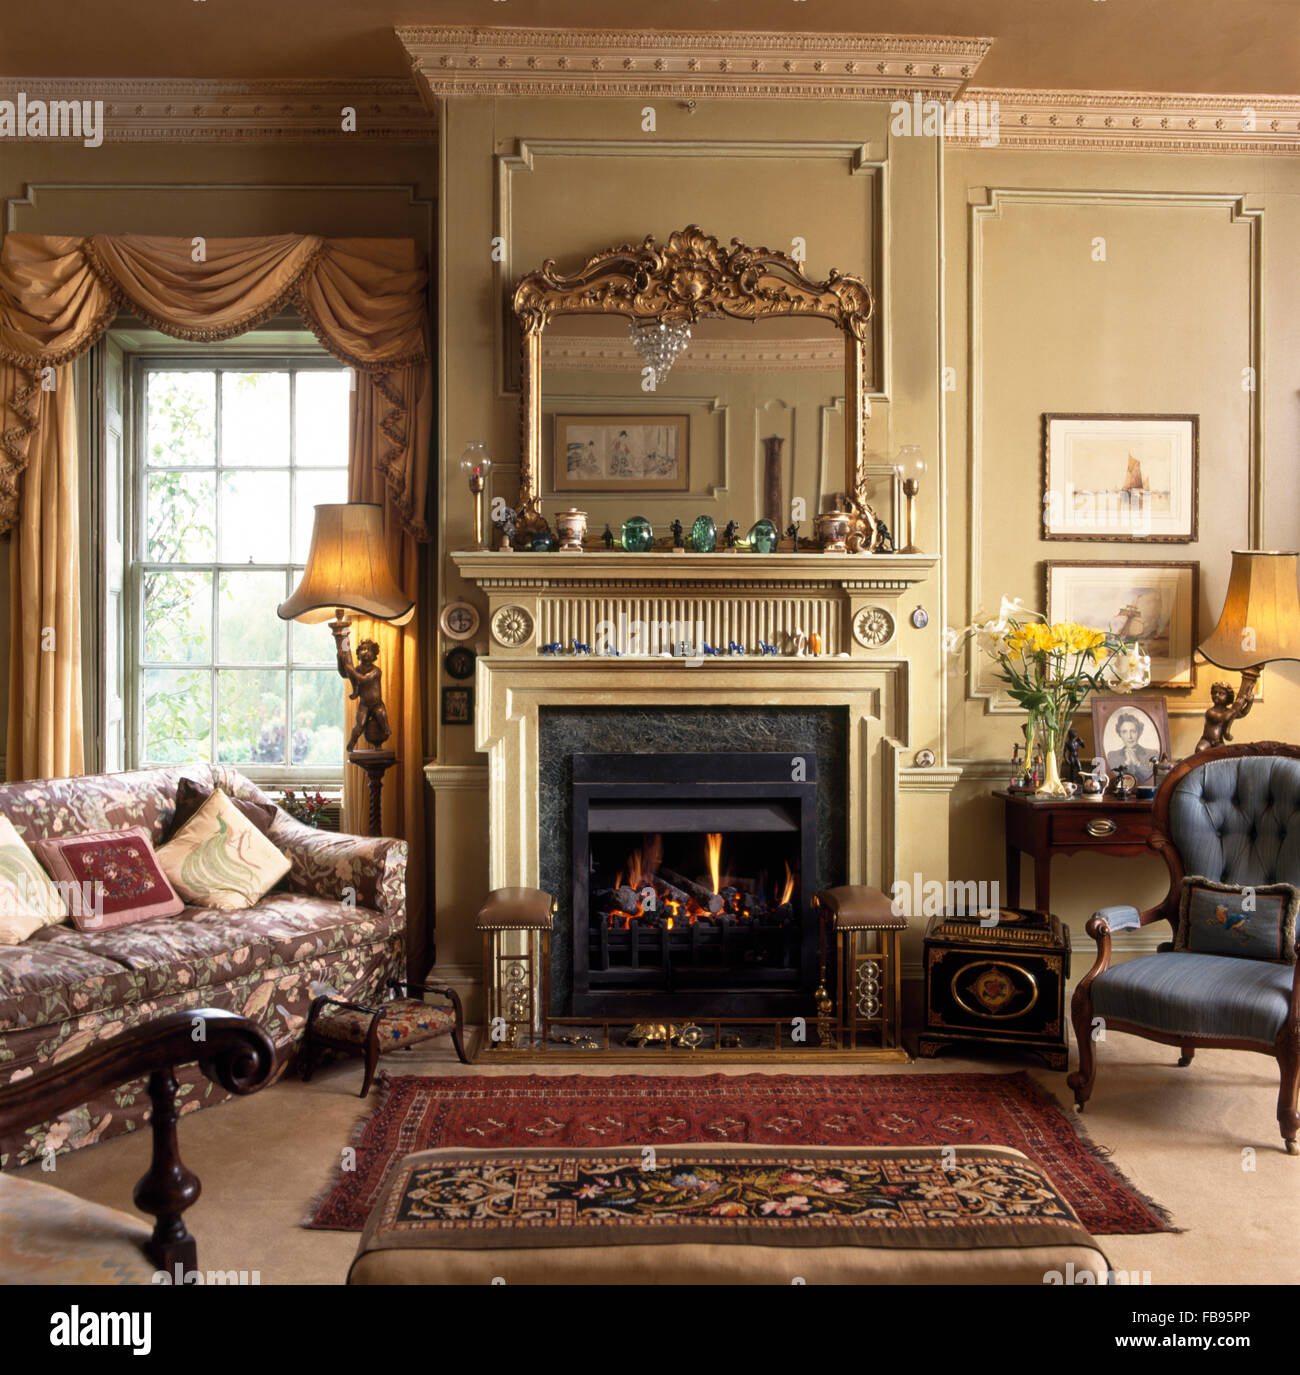 antiker spiegel ber dem kamin im georgischen wohnzimmer mit swagged und drapierte vorh nge am. Black Bedroom Furniture Sets. Home Design Ideas